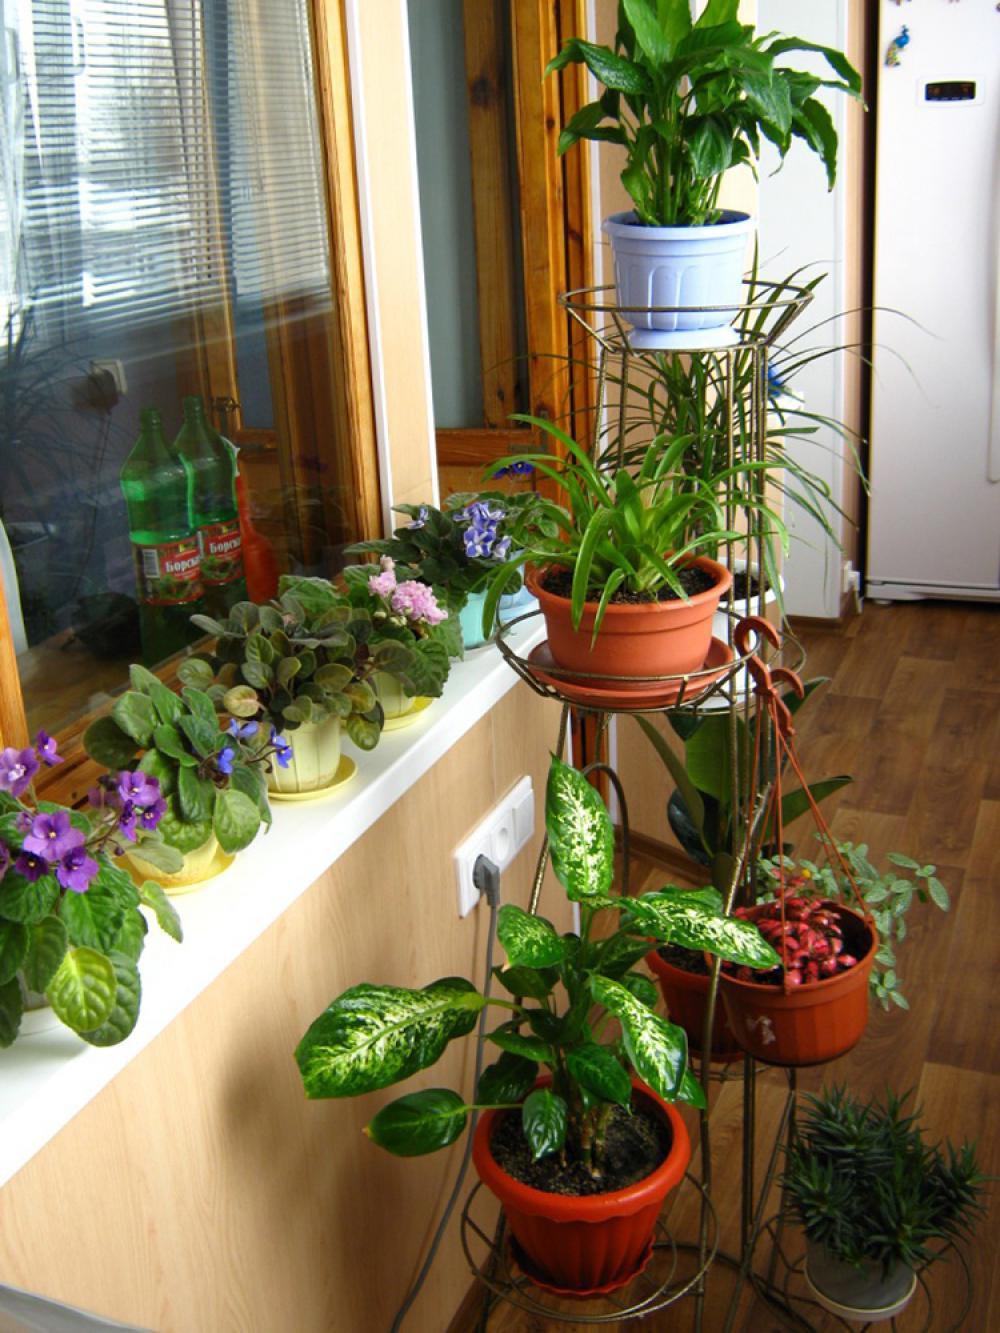 Фиалки на балконе: 5 нюансов правильного выращивания obustro.